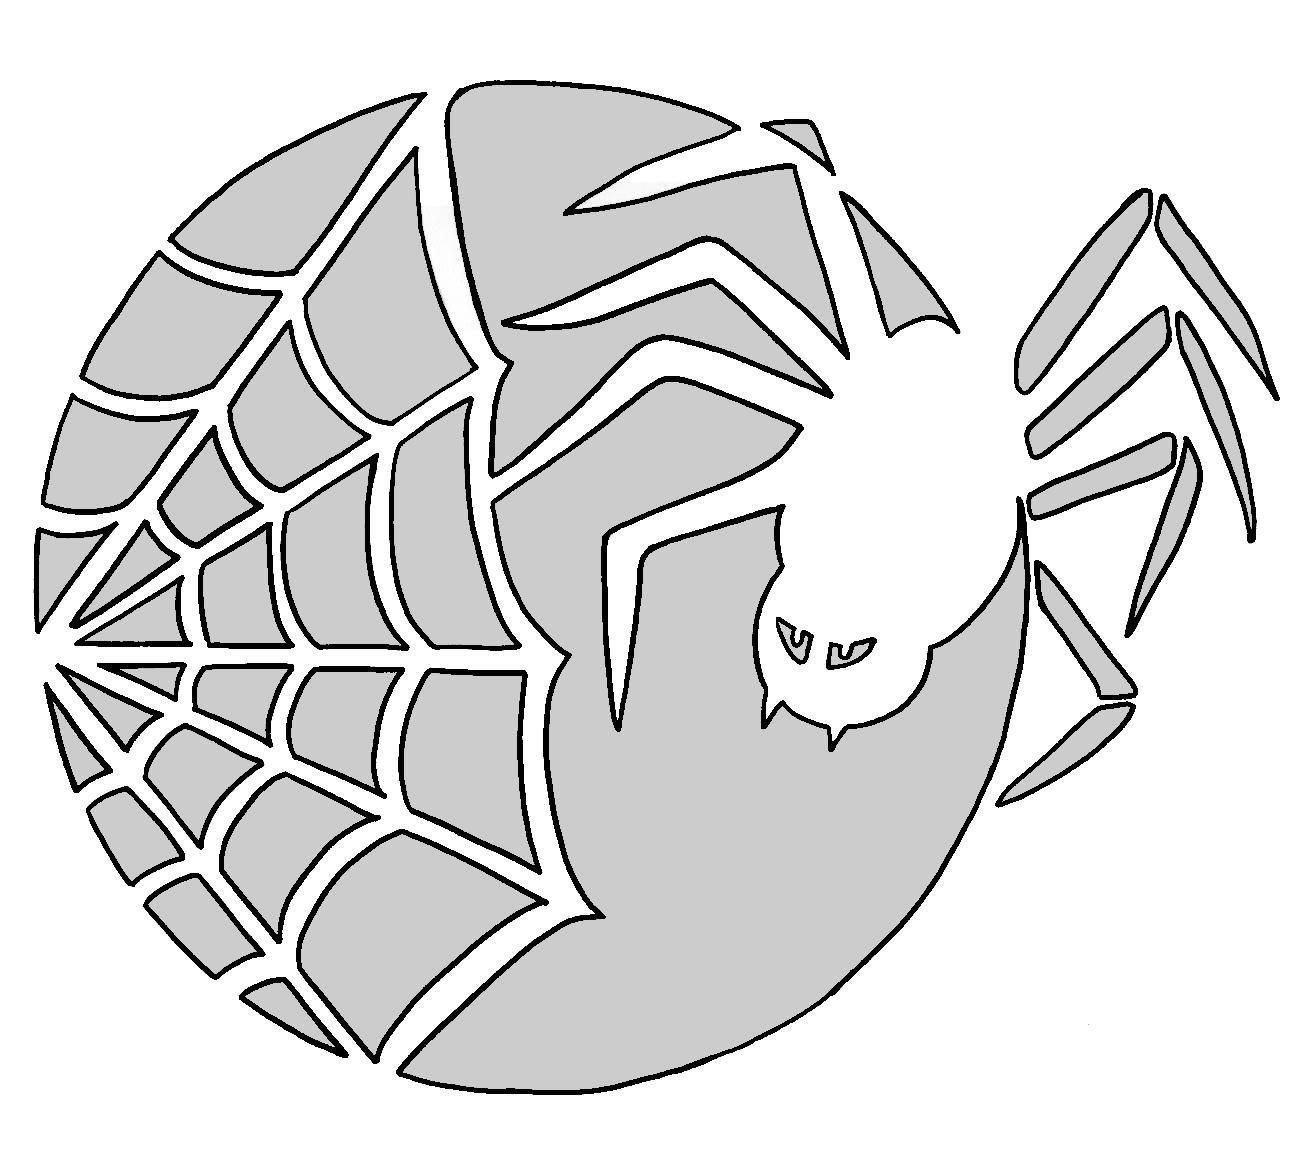 Spider Web Pattern | Spider Man Party In 2019 | Pinterest | Pumpkin - Spider Web Stencil Free Printable